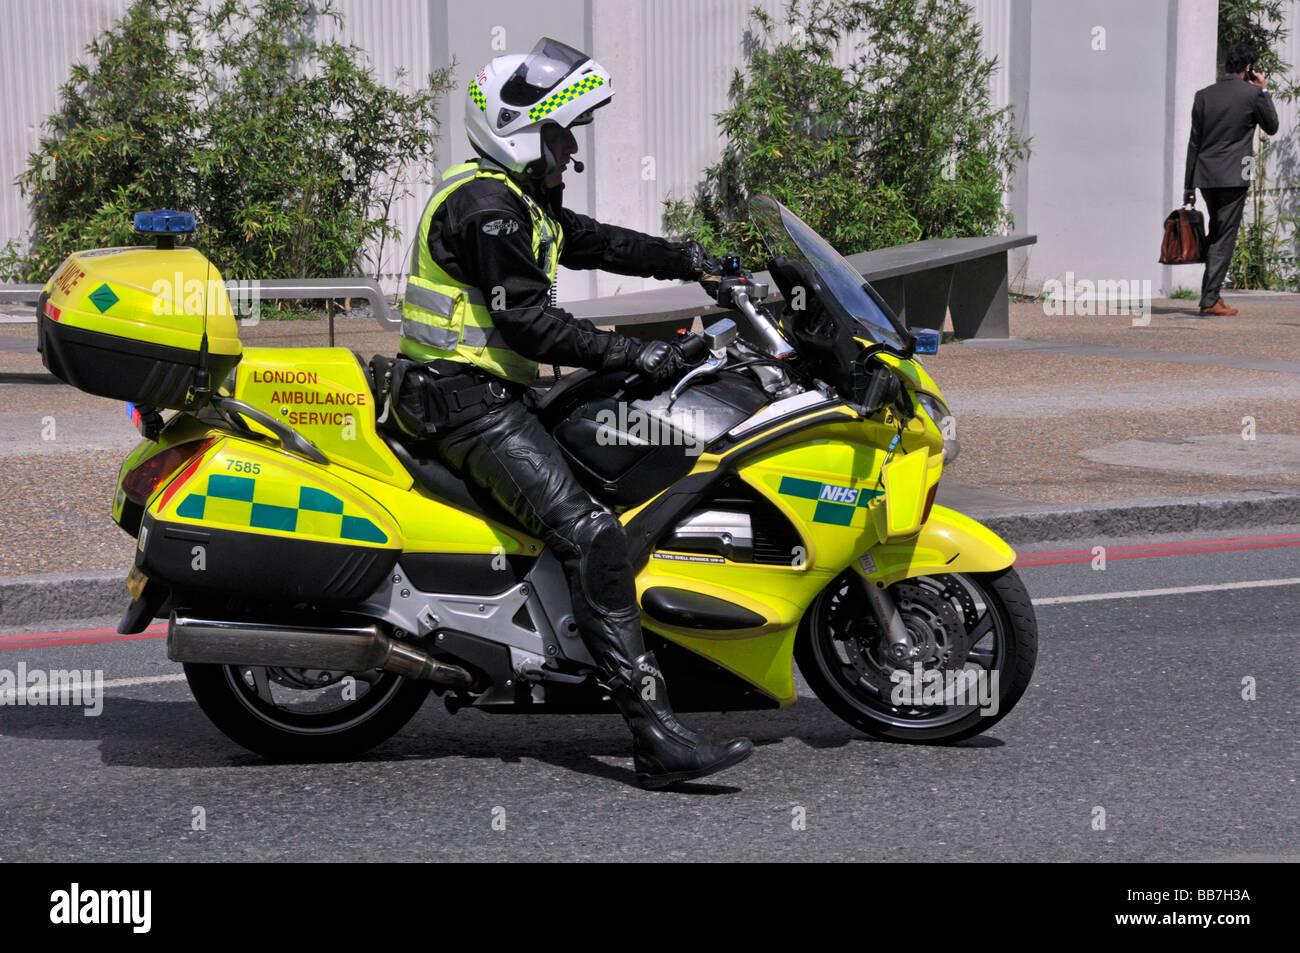 London Ambulance Service Sanitäter auf Motorrad Stockbild